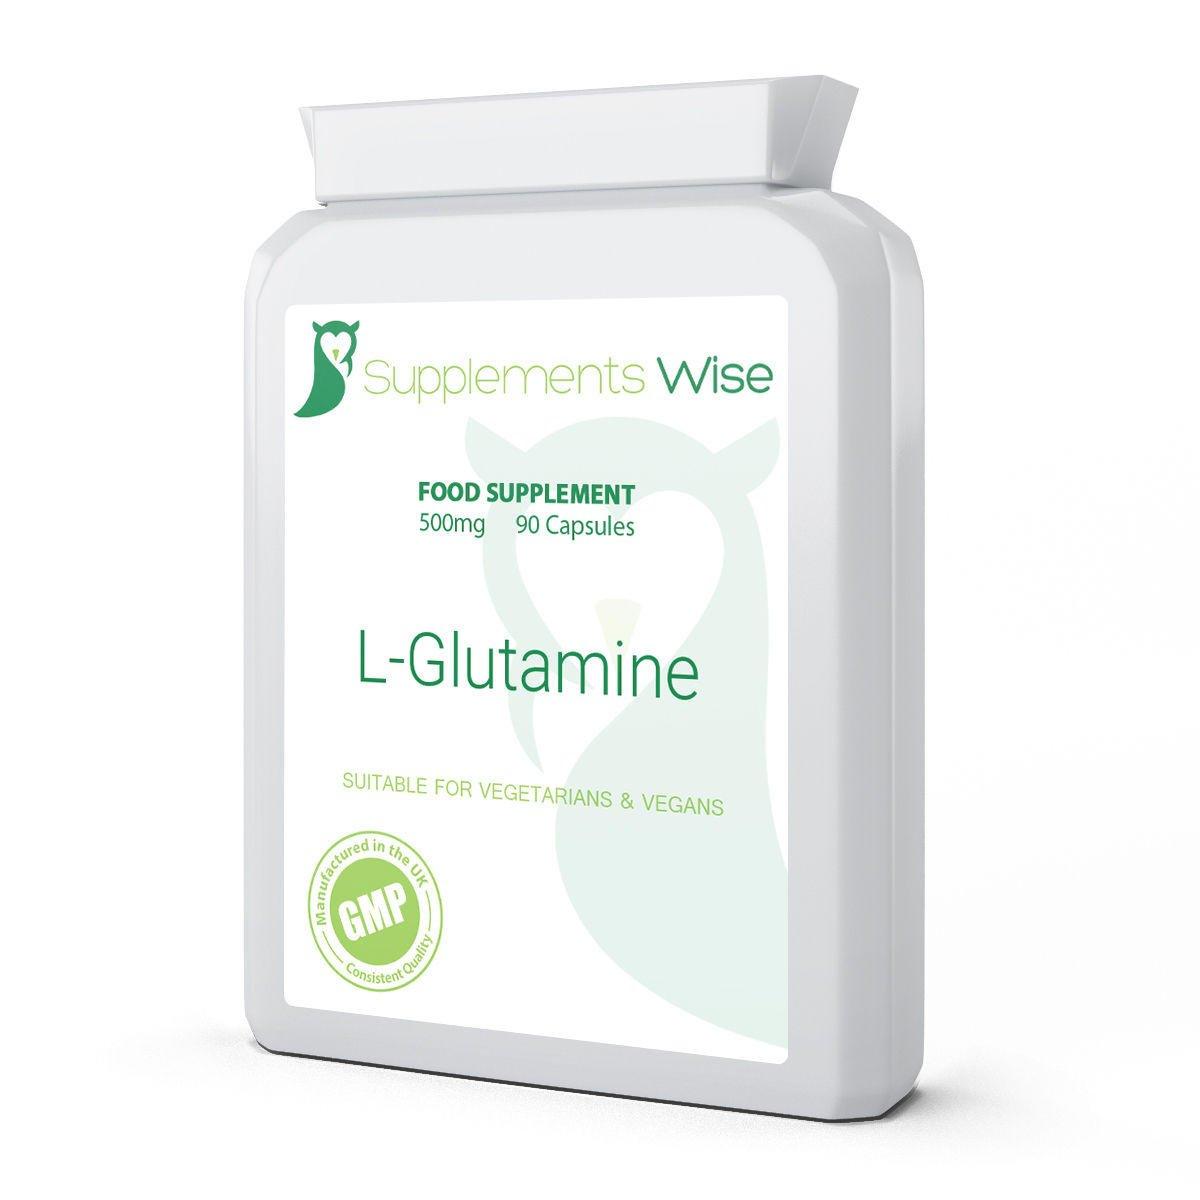 l-glutamine capsules